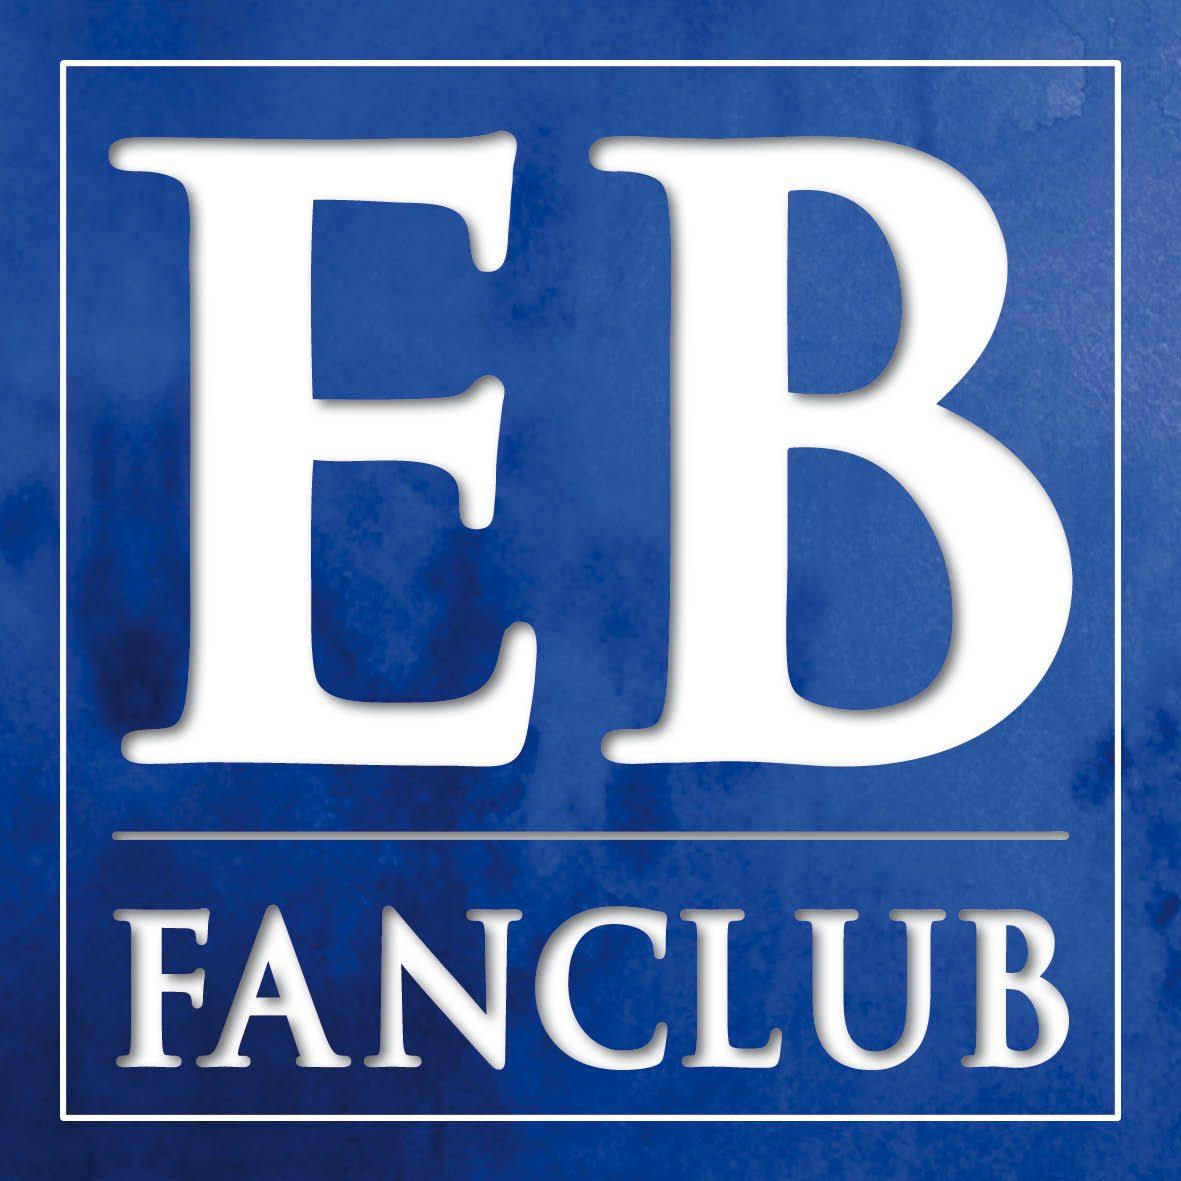 Ehrlich Brothers Fanclub